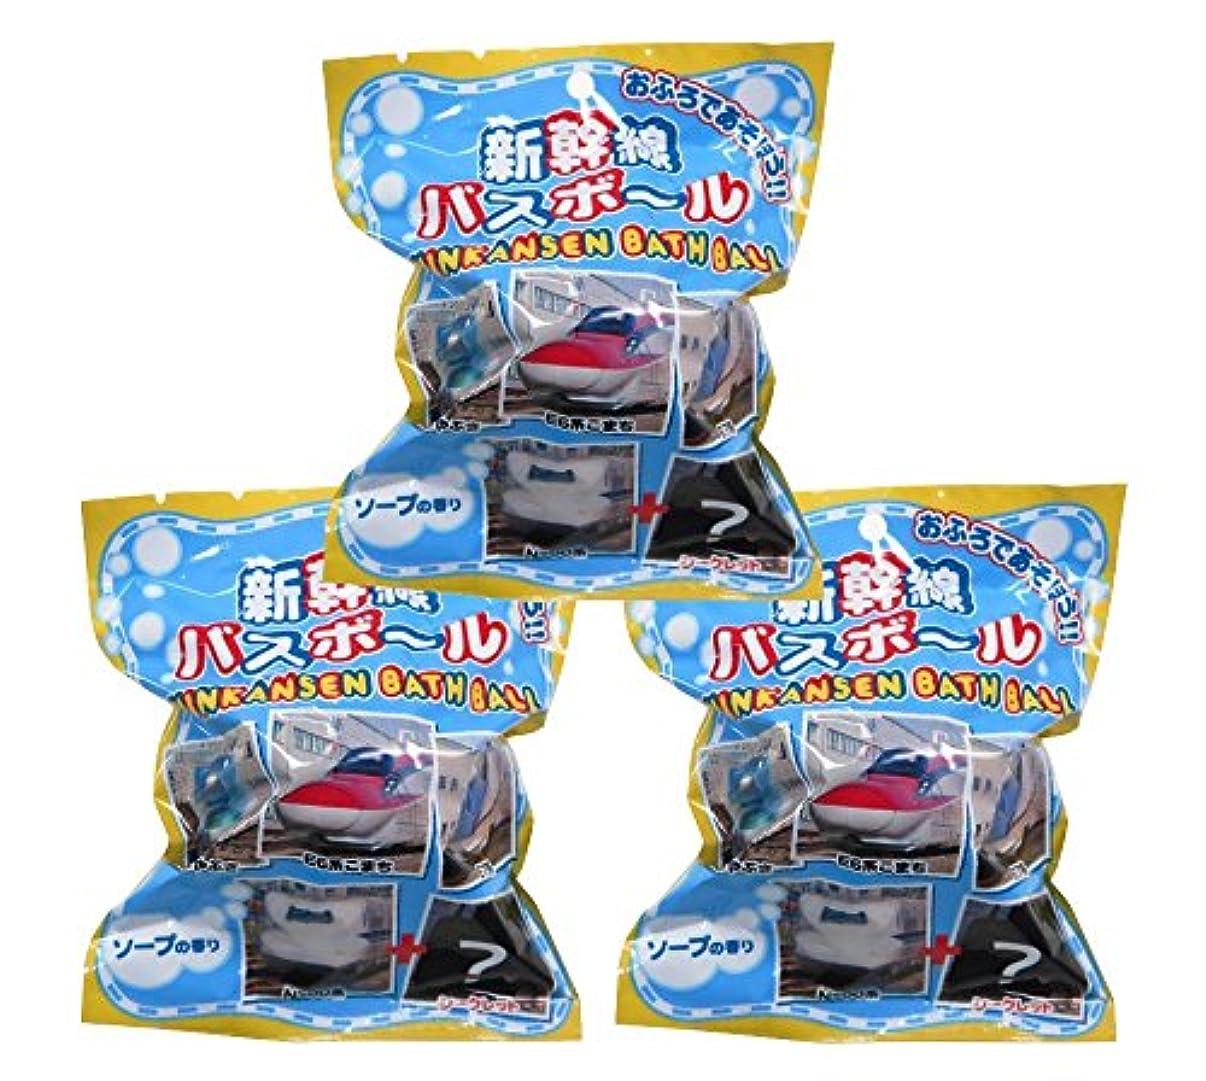 文房具囲い誇りに思うJR新幹線 入浴剤 マスコットが飛び出るバスボール 3個セット